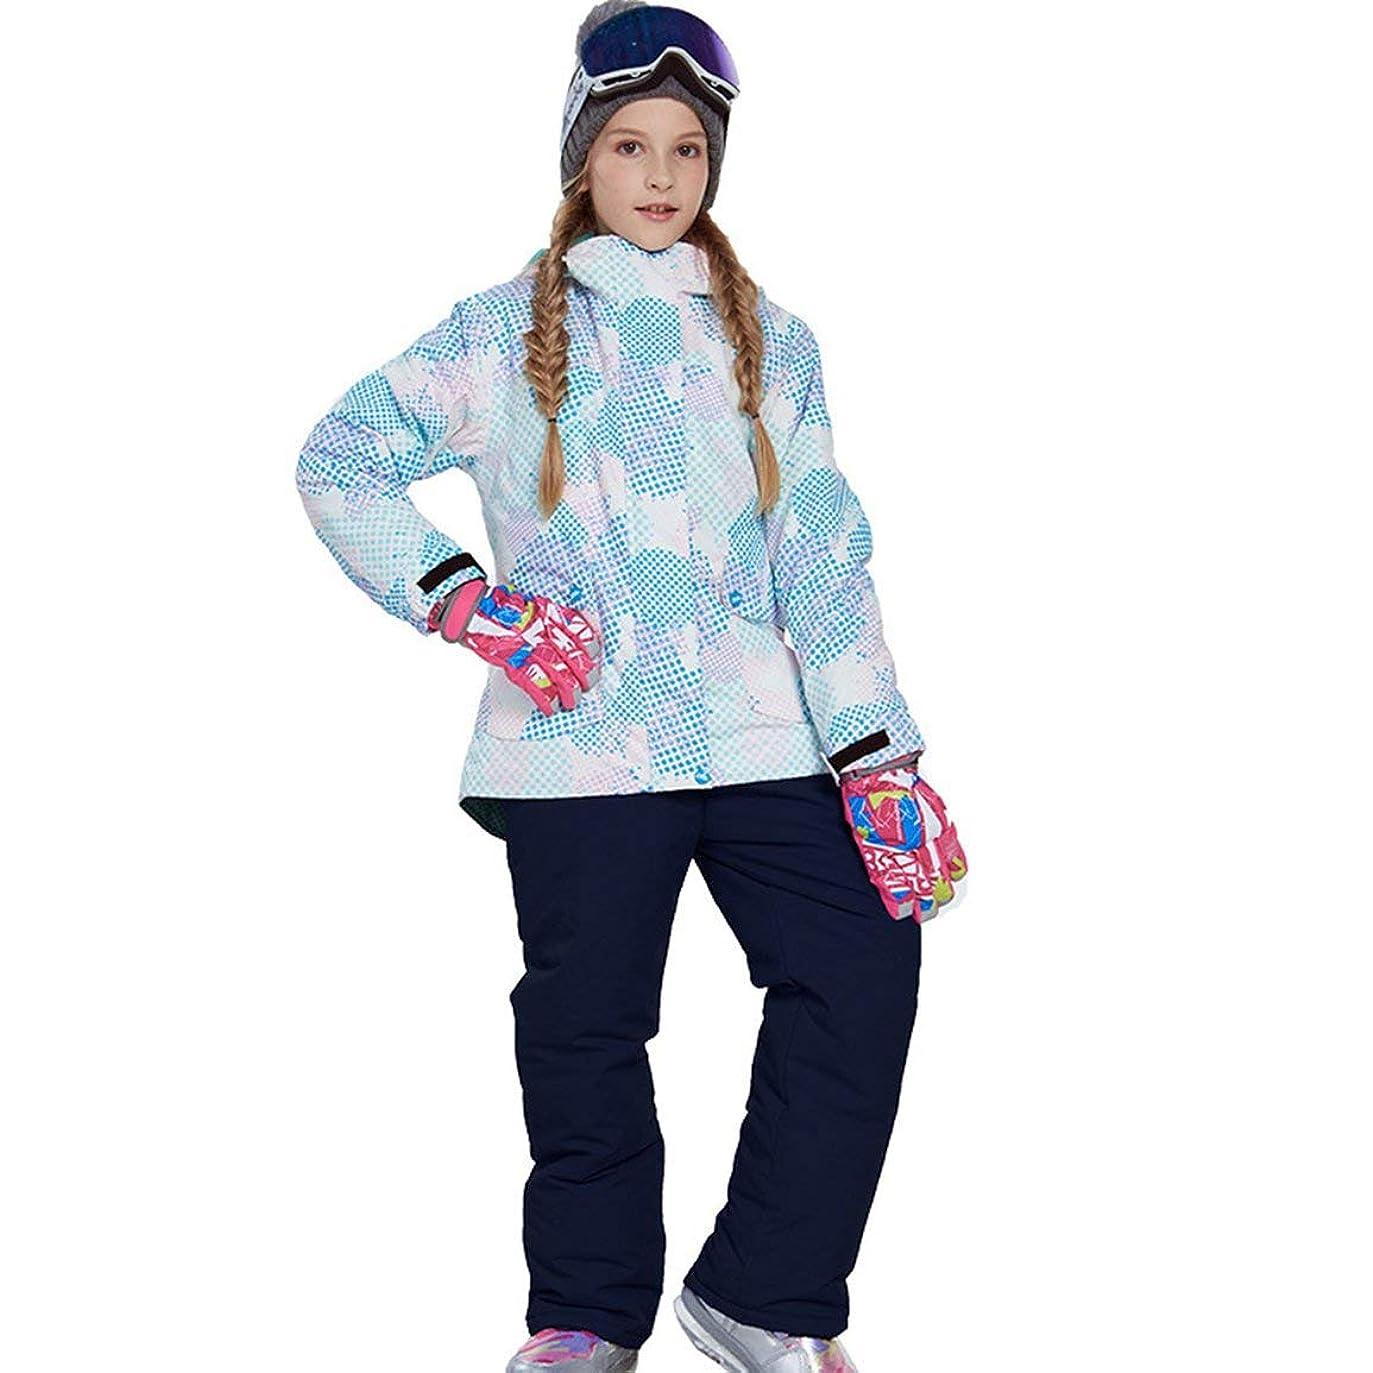 一方、代わって虹ラブリーボーイズガールズウィンタースノーボードパーカージャケットスノービブスノースーツセット暖かいスノースーツフード付きスキージャケット+パンツ2個セット-ネイビーブルー116